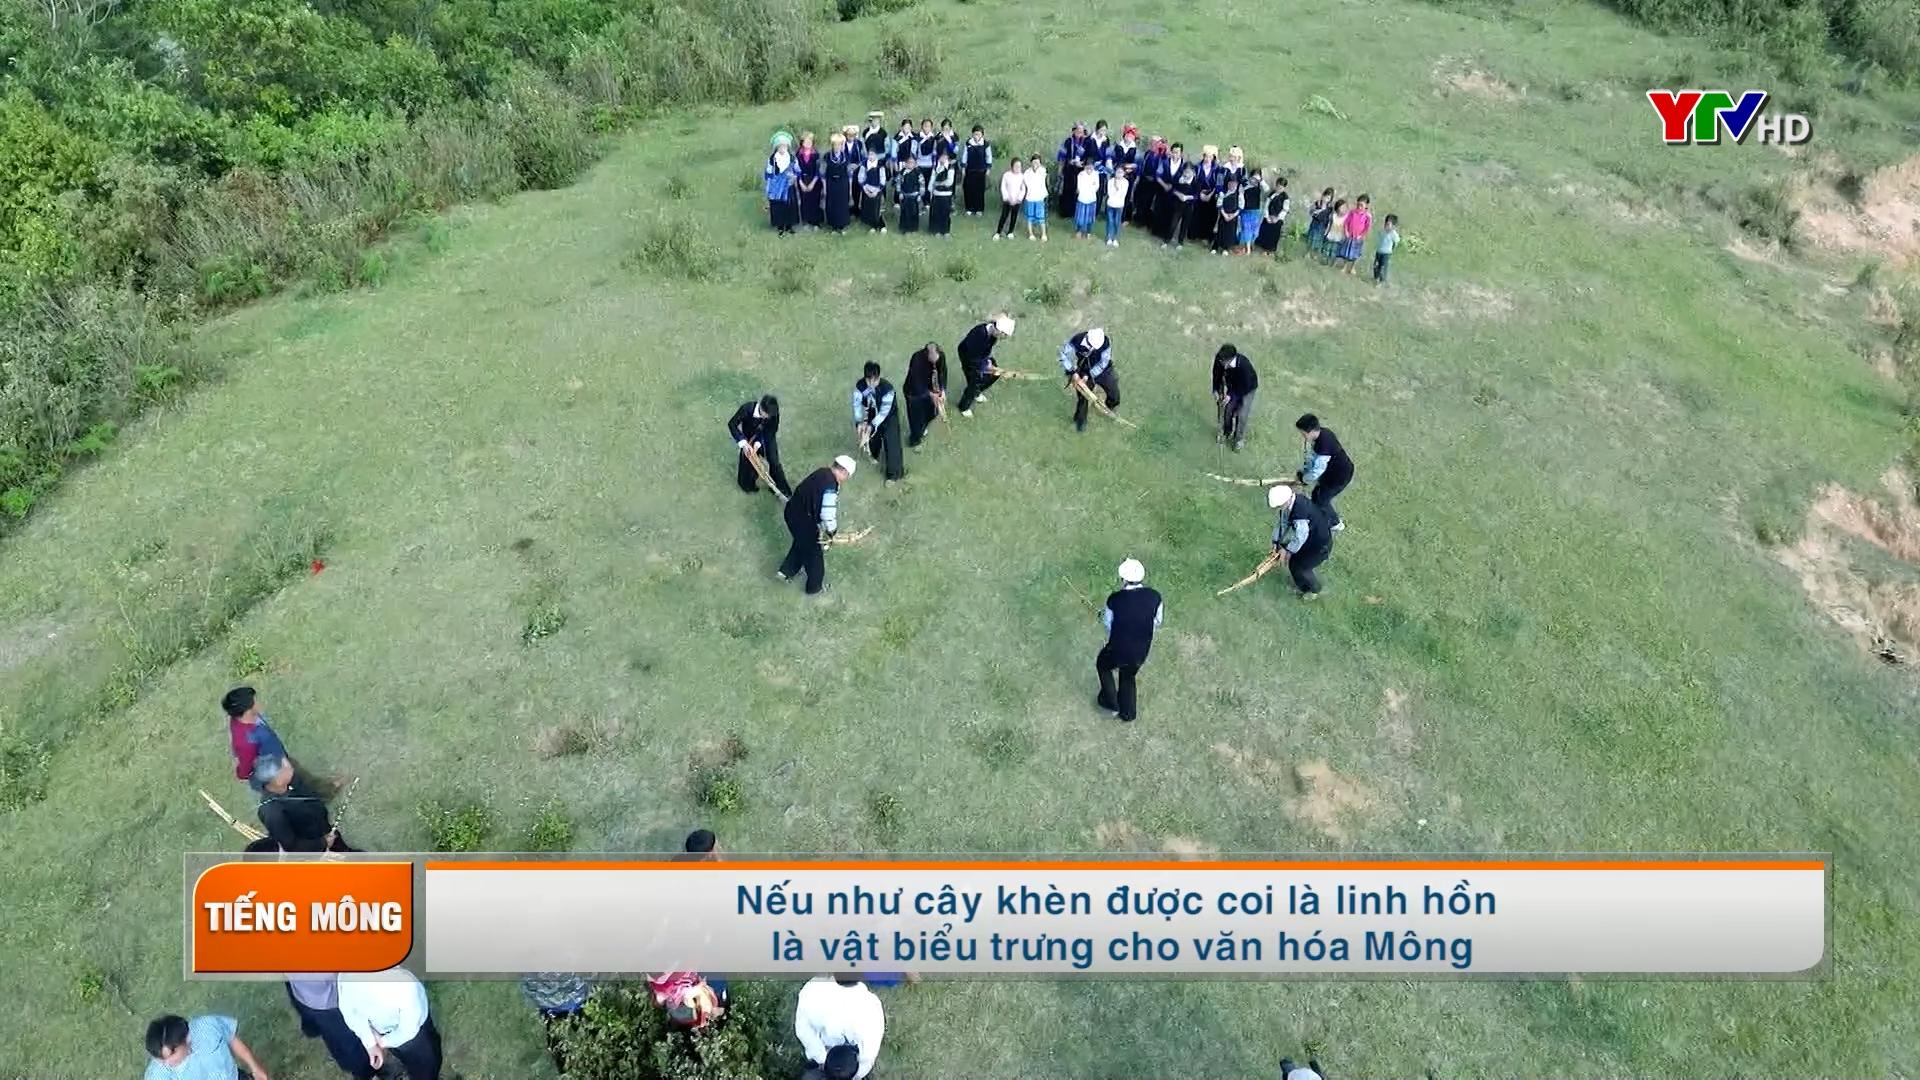 Tạp chí truyền hình tiếng Mông số 6 tháng 7 năm 2021